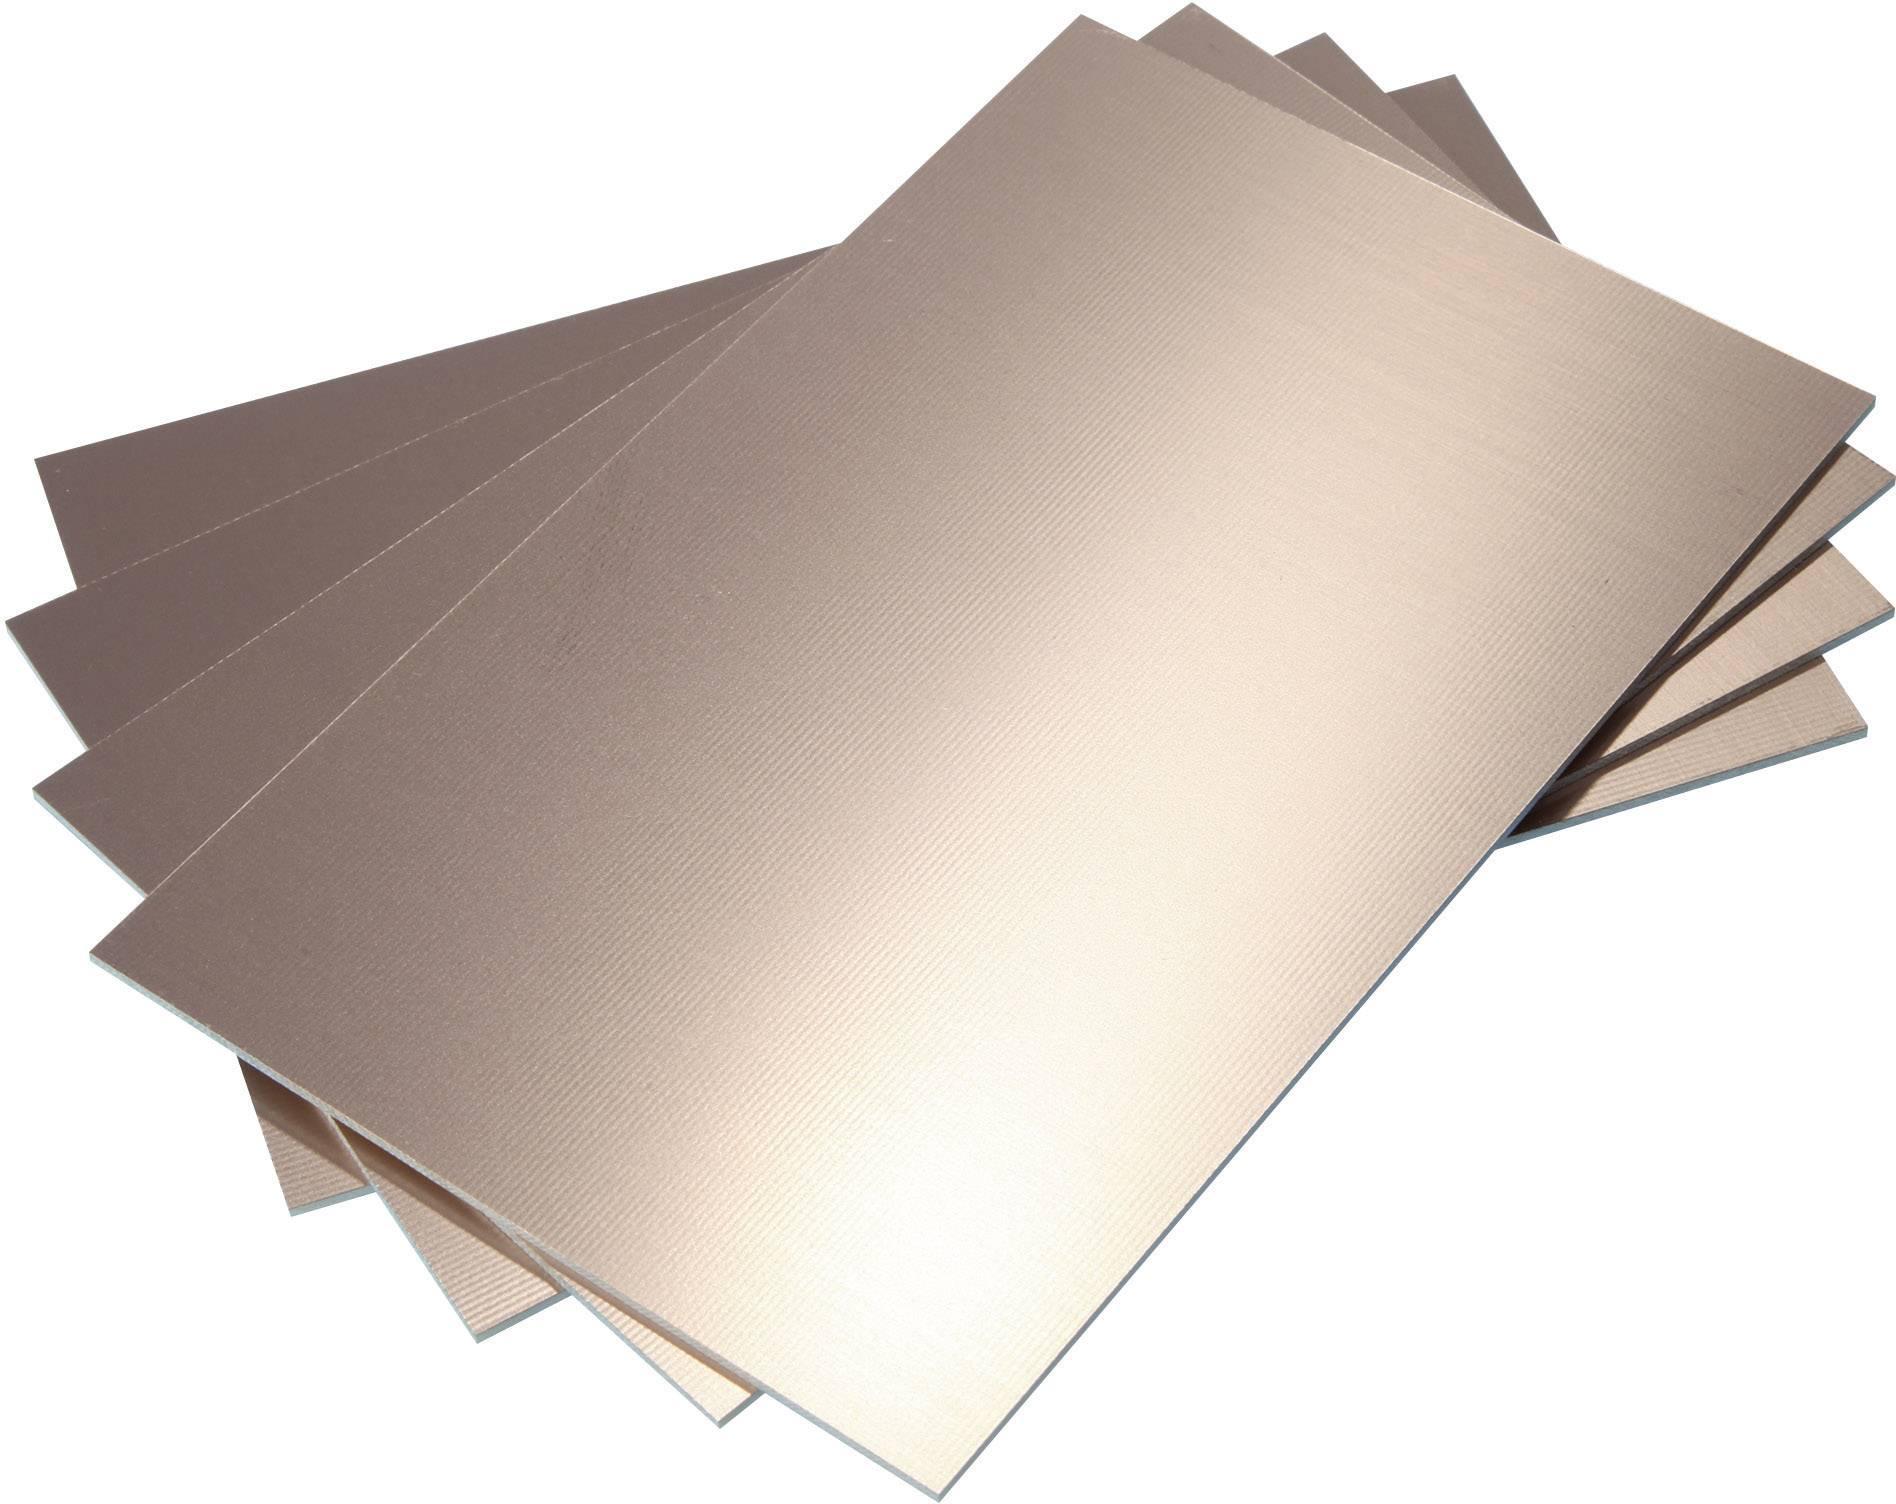 Epoxidová DPS Bungard 020306E52, 200 x 200 x 1,5 mm, jednostranná, epoxyd/měď 35 µm